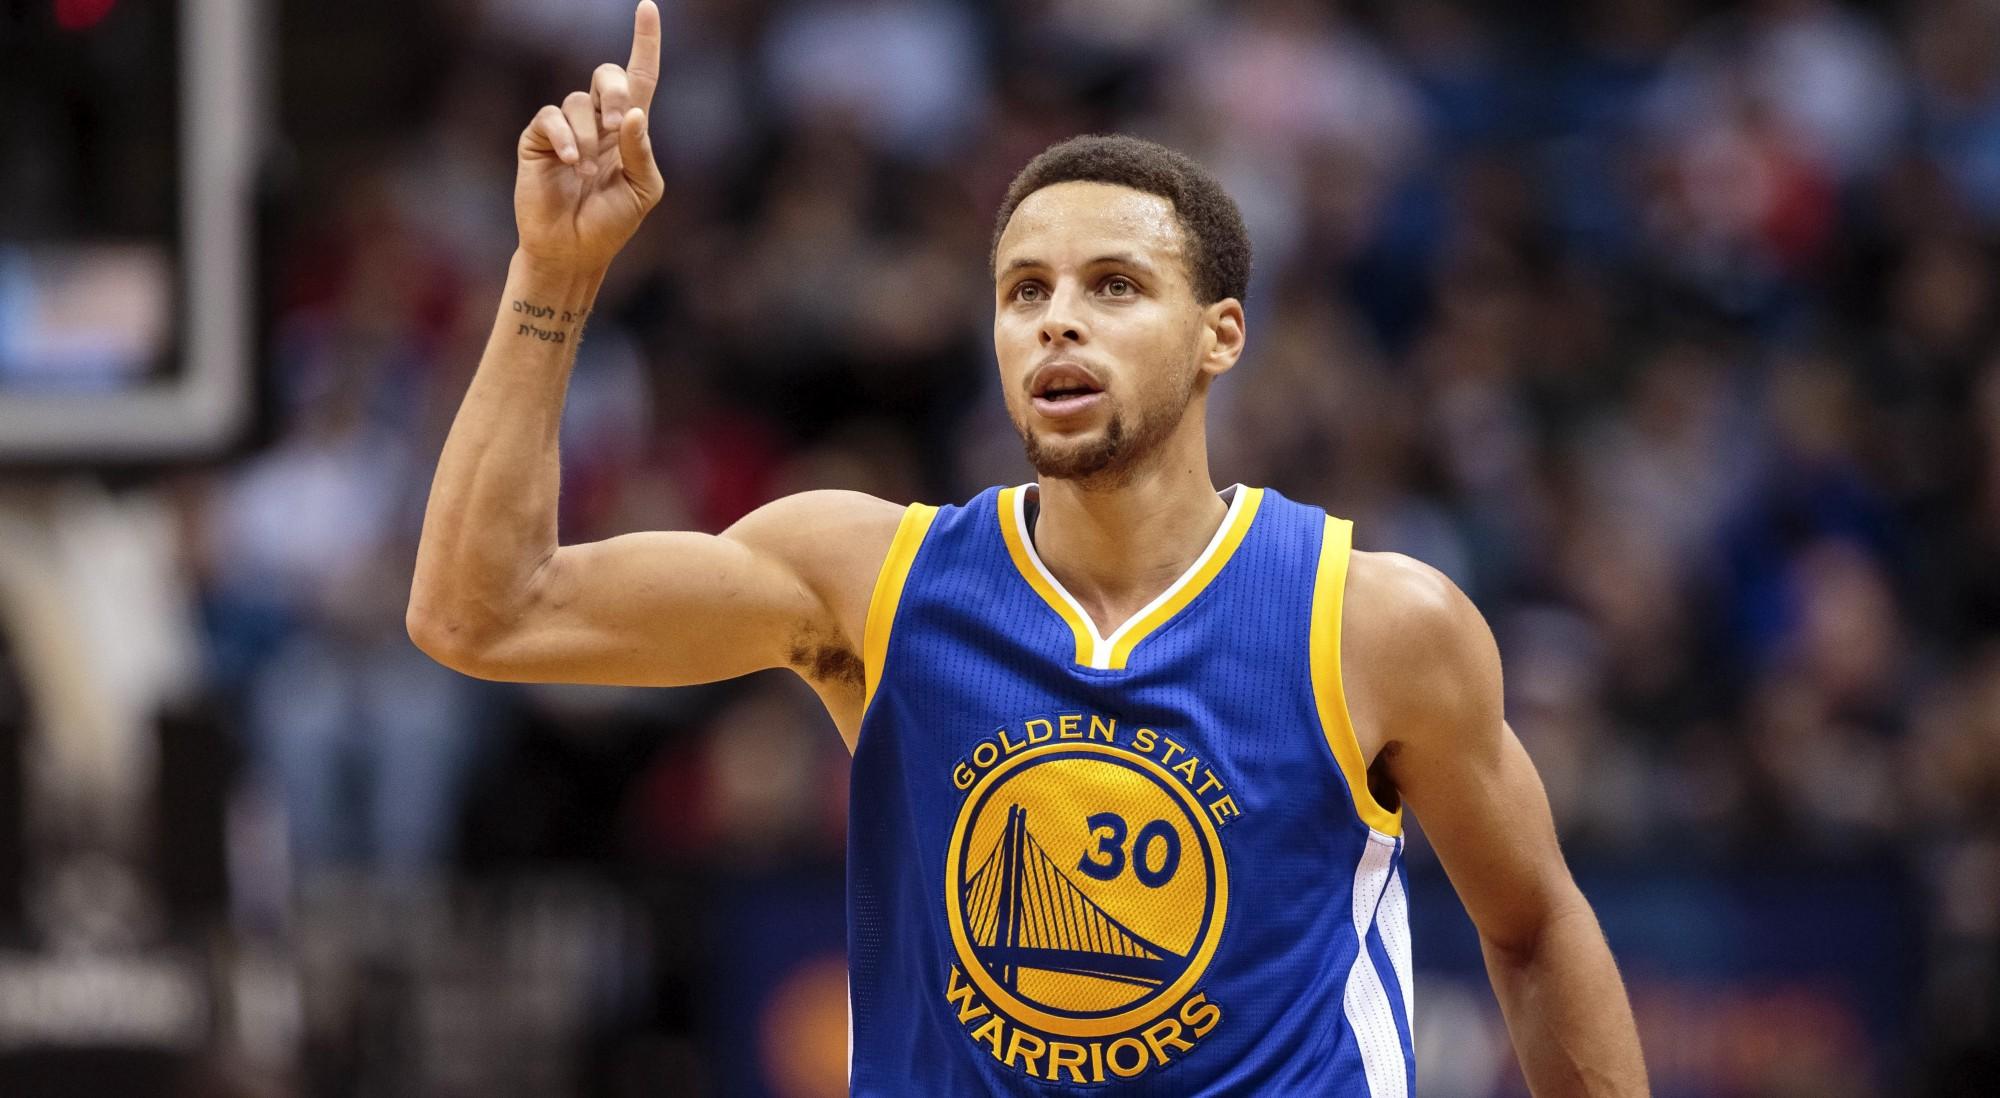 La terrificante abilità di tiro da tre punti di Stephen Curry